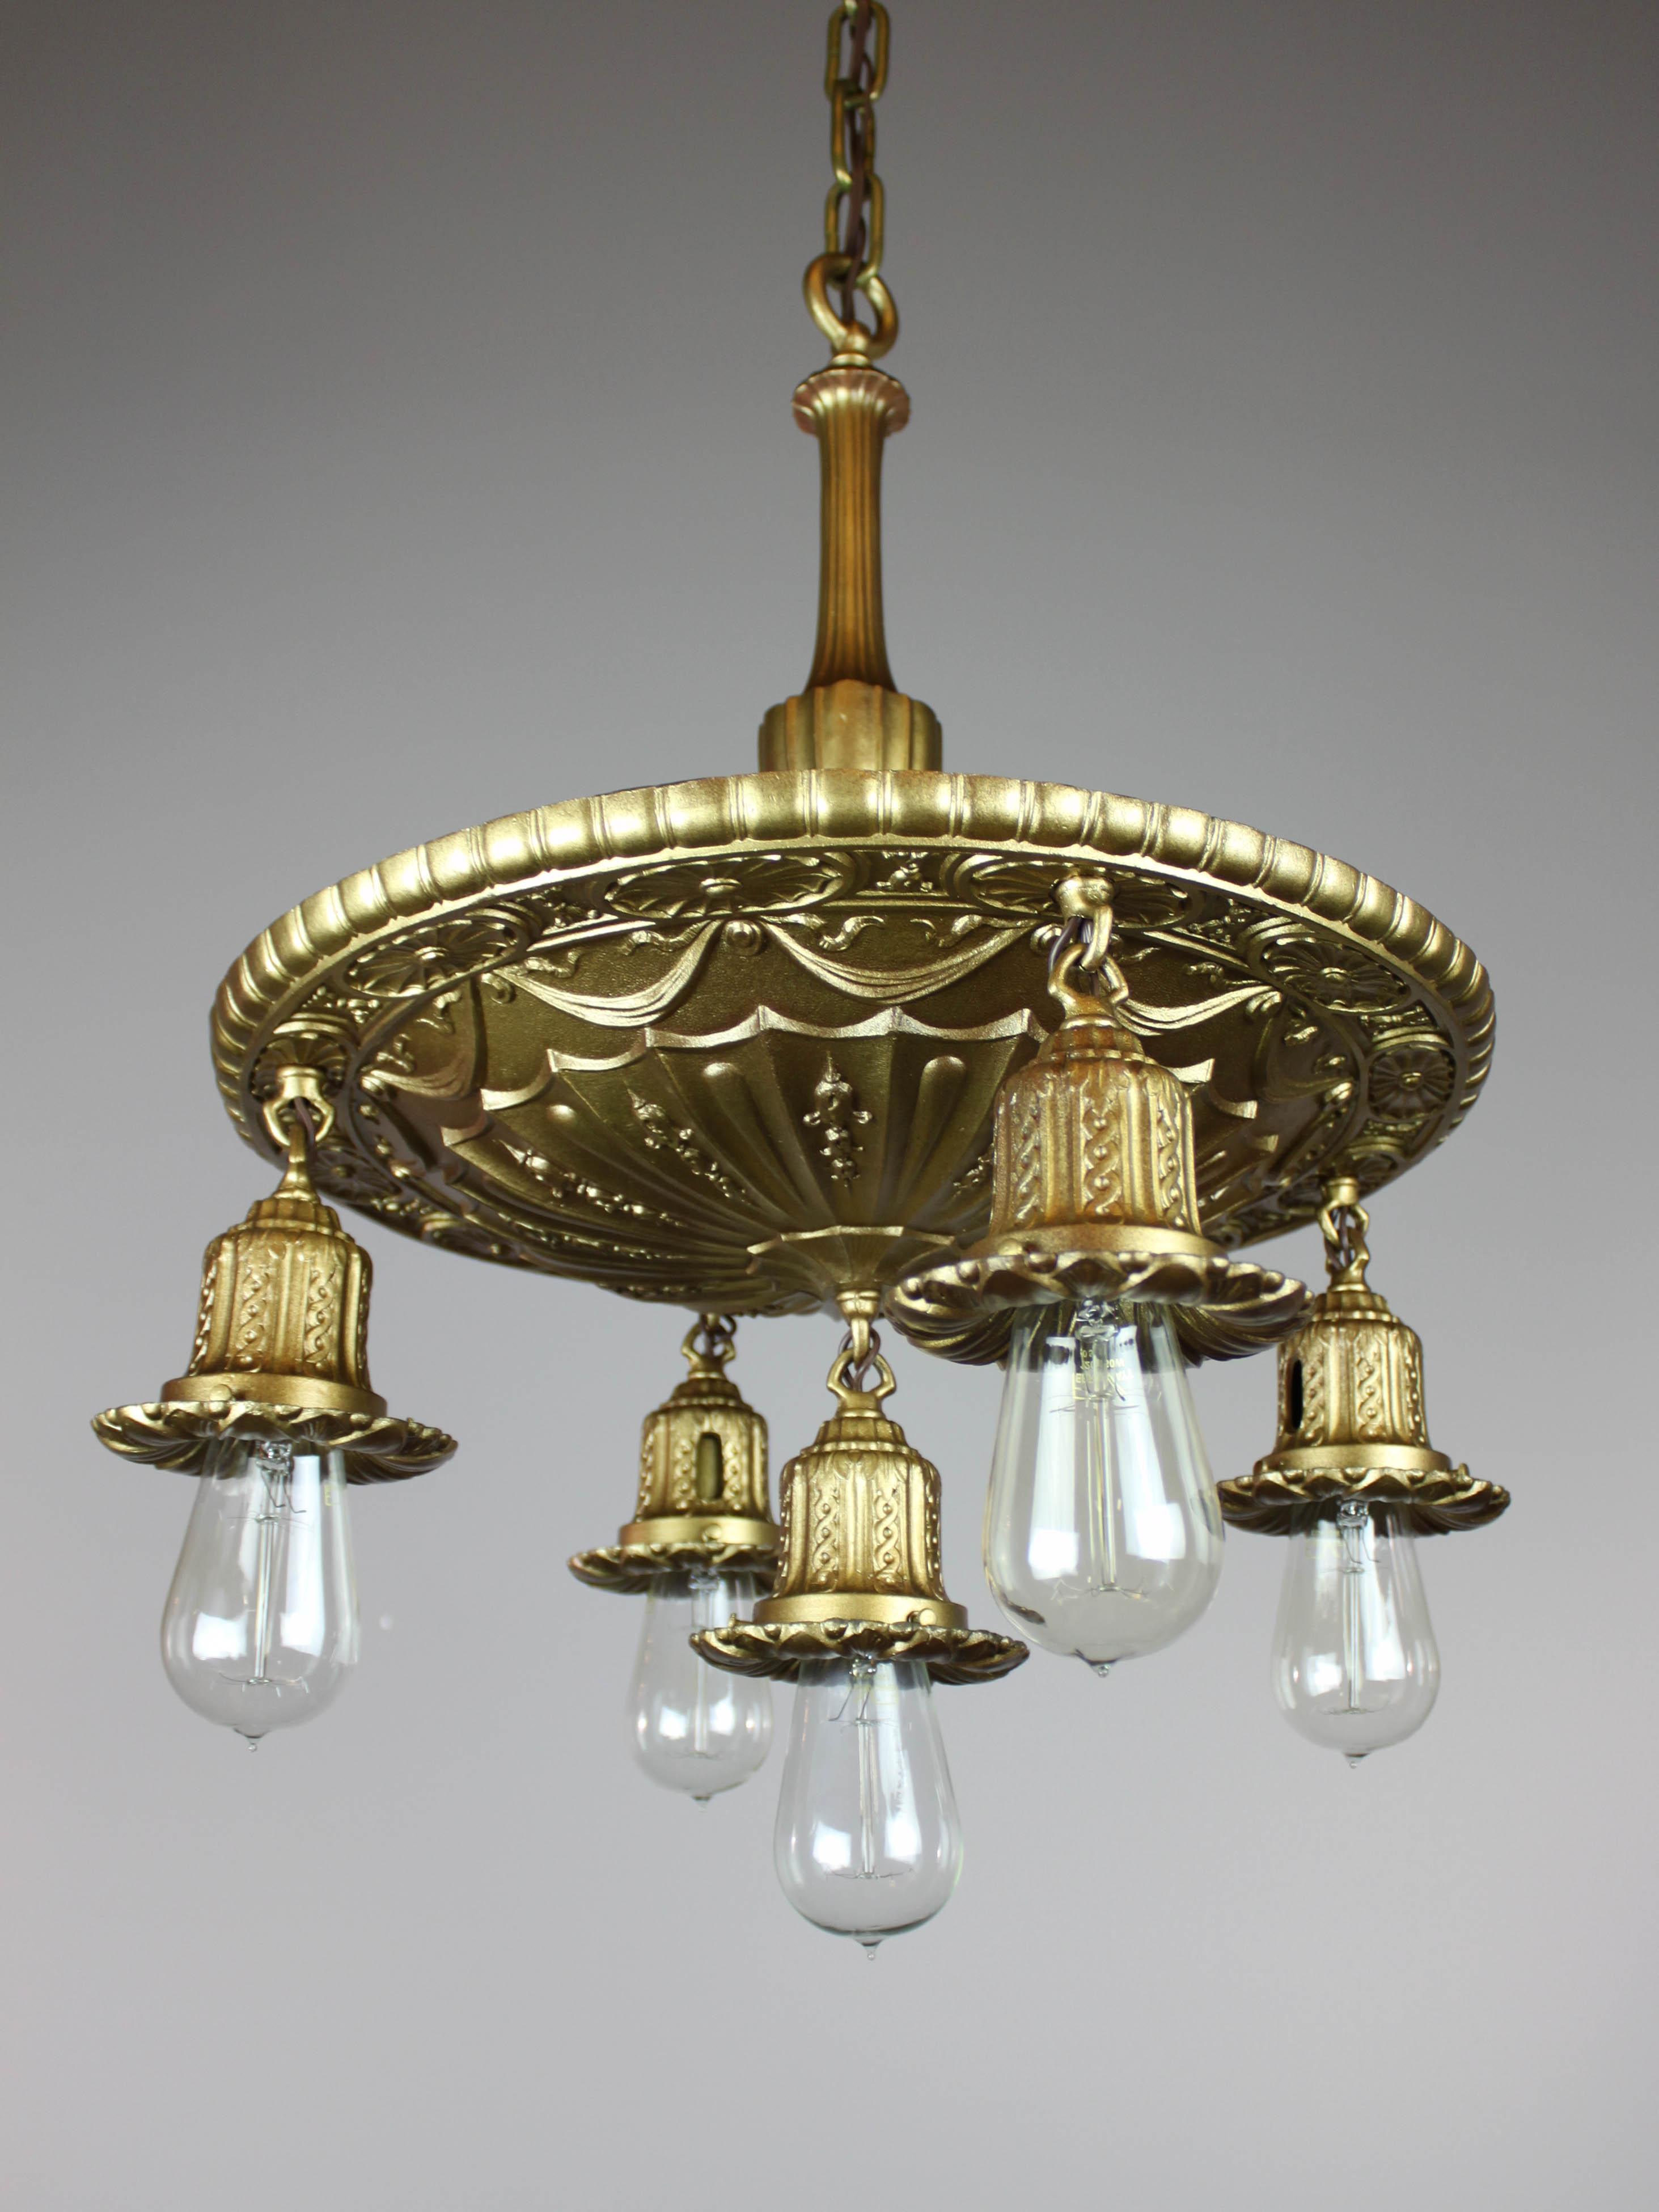 Antique Brass Shower Bare Bulb Light Fixture 5 Light